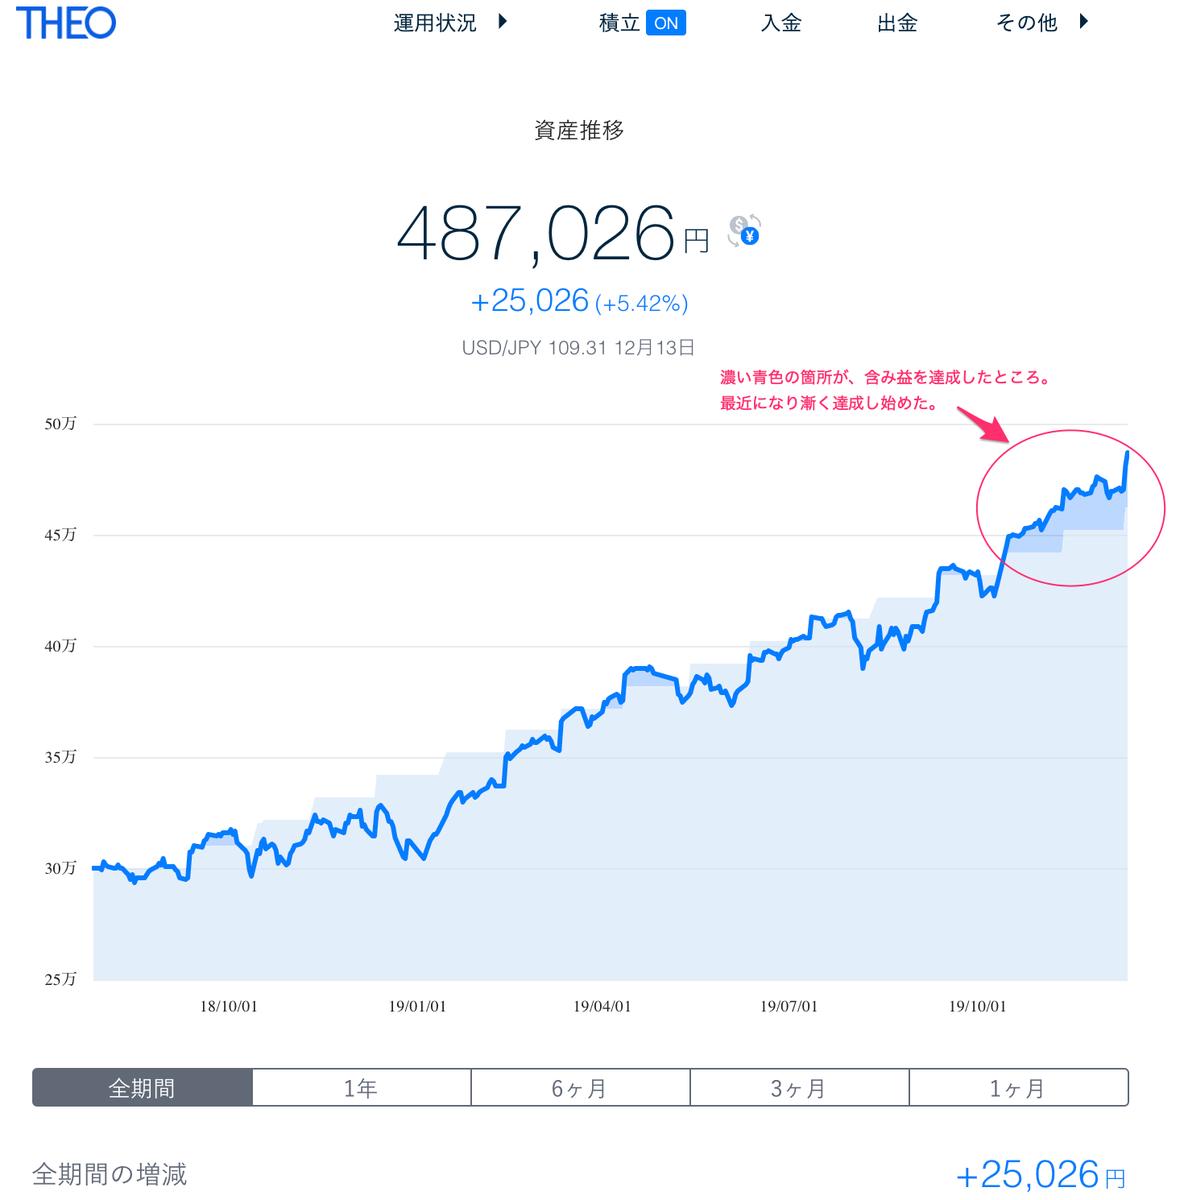 この画像はTHEOの資産推移を表示しております。